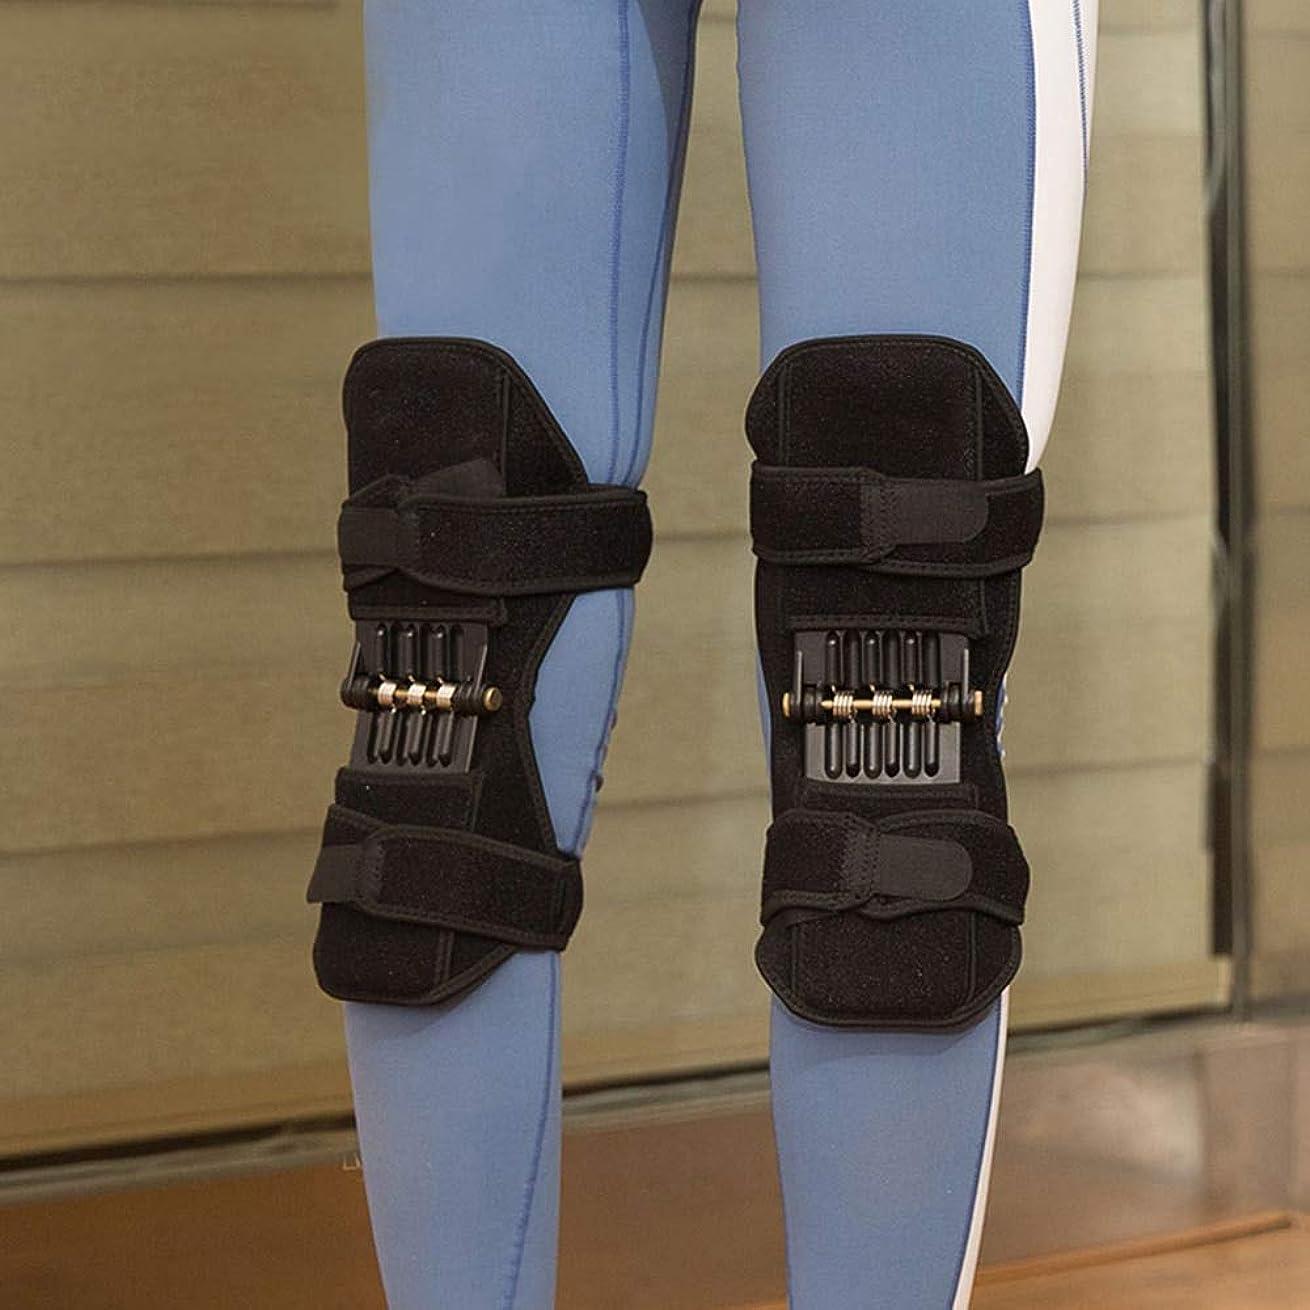 温かい真面目な制限された1 ペアスポーツ 春の膝 ストラップ 登山 ランニング 膝 ブースター 膝 パッド 膝関節保護 マッサージツール